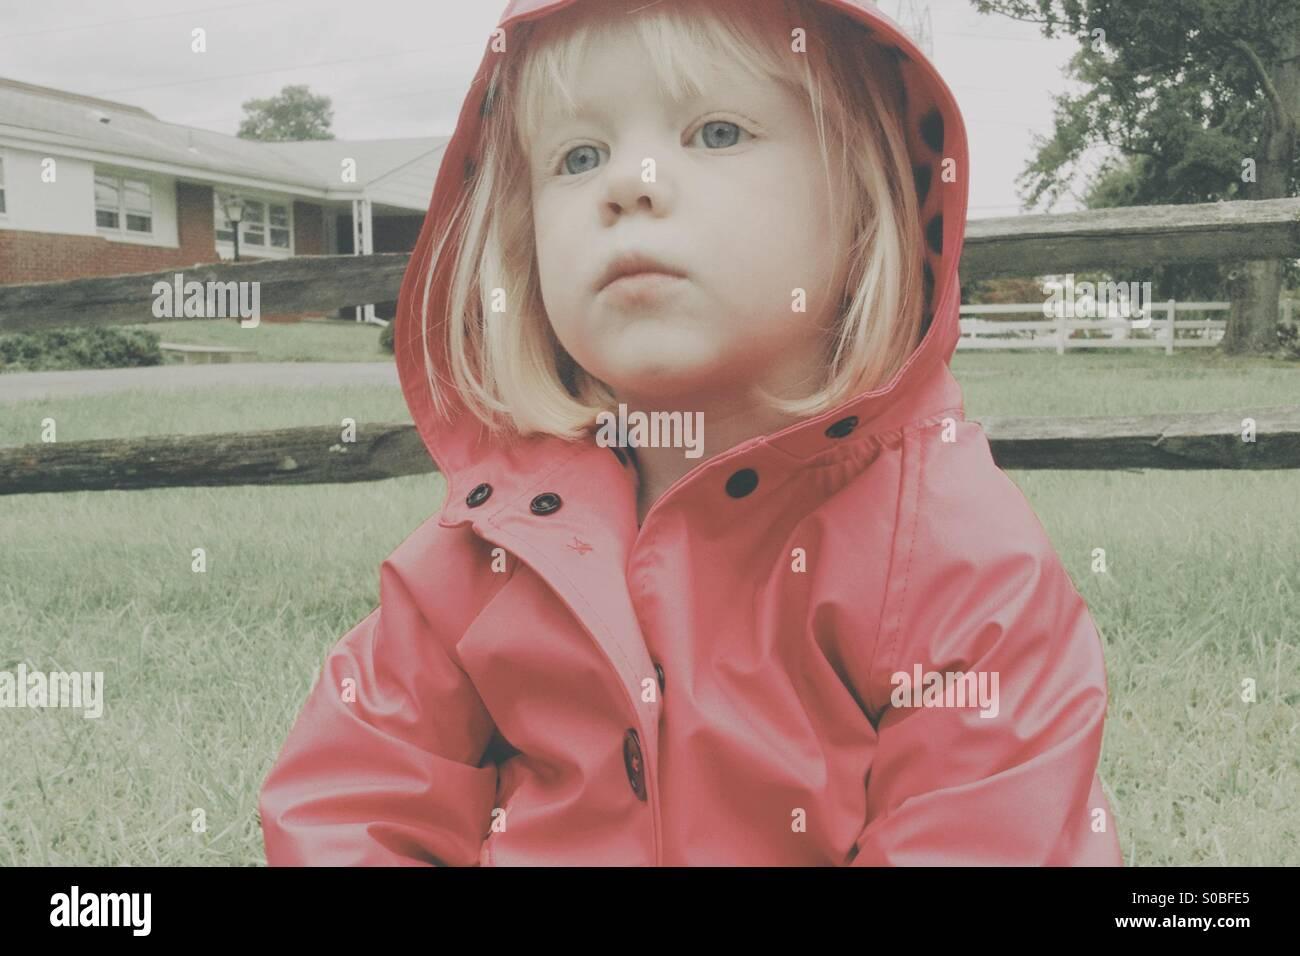 Giovane ragazza bionda che indossa una rosa cappotto di pioggia seduto per terra. Immagini Stock